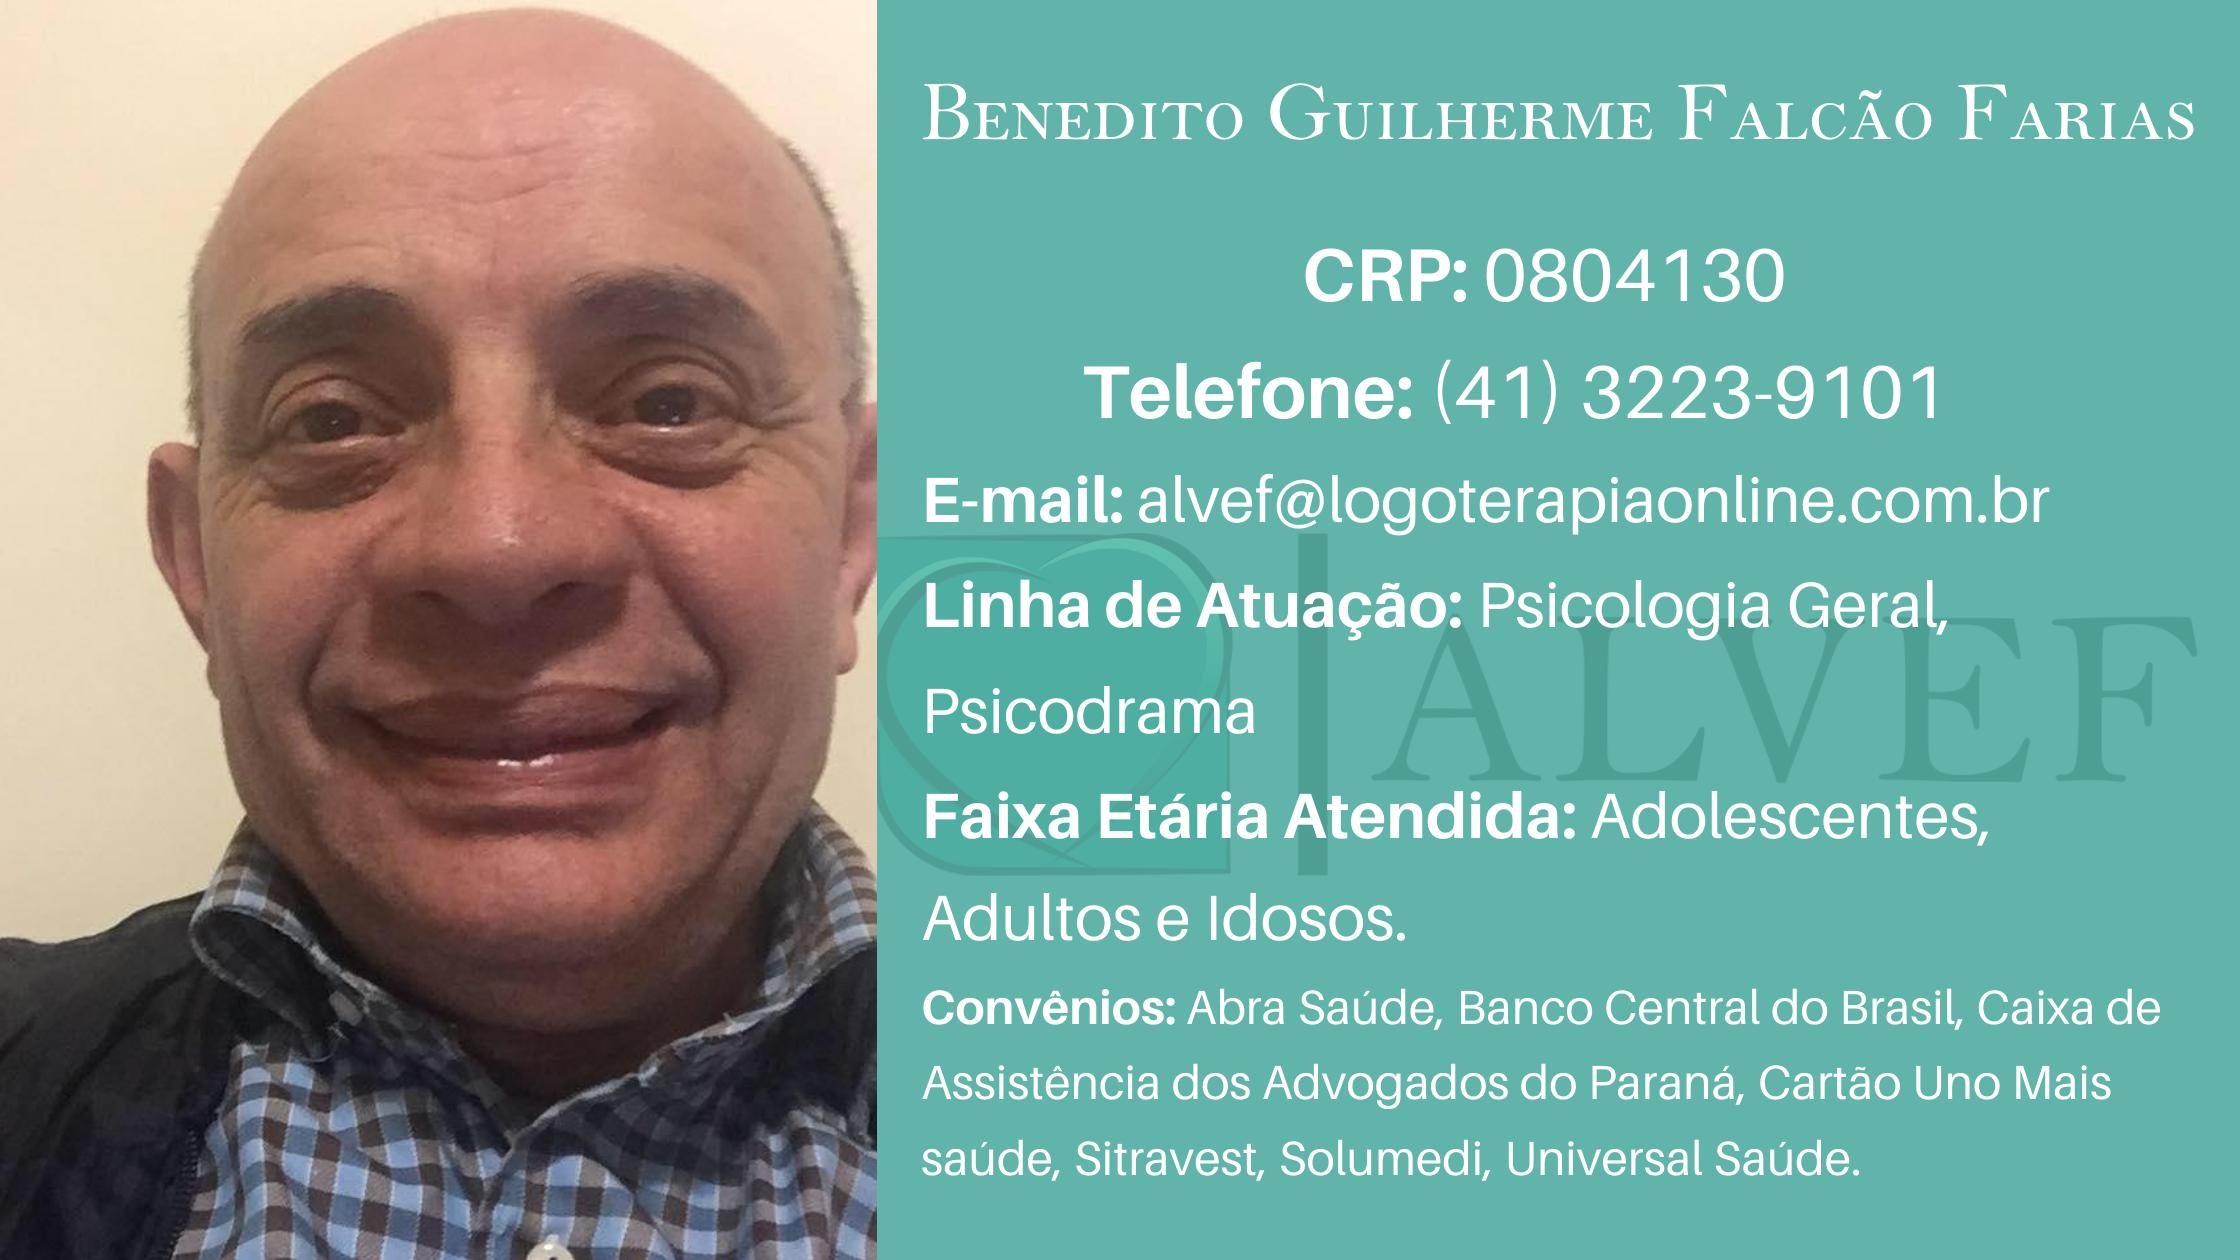 Guilherme Falcão